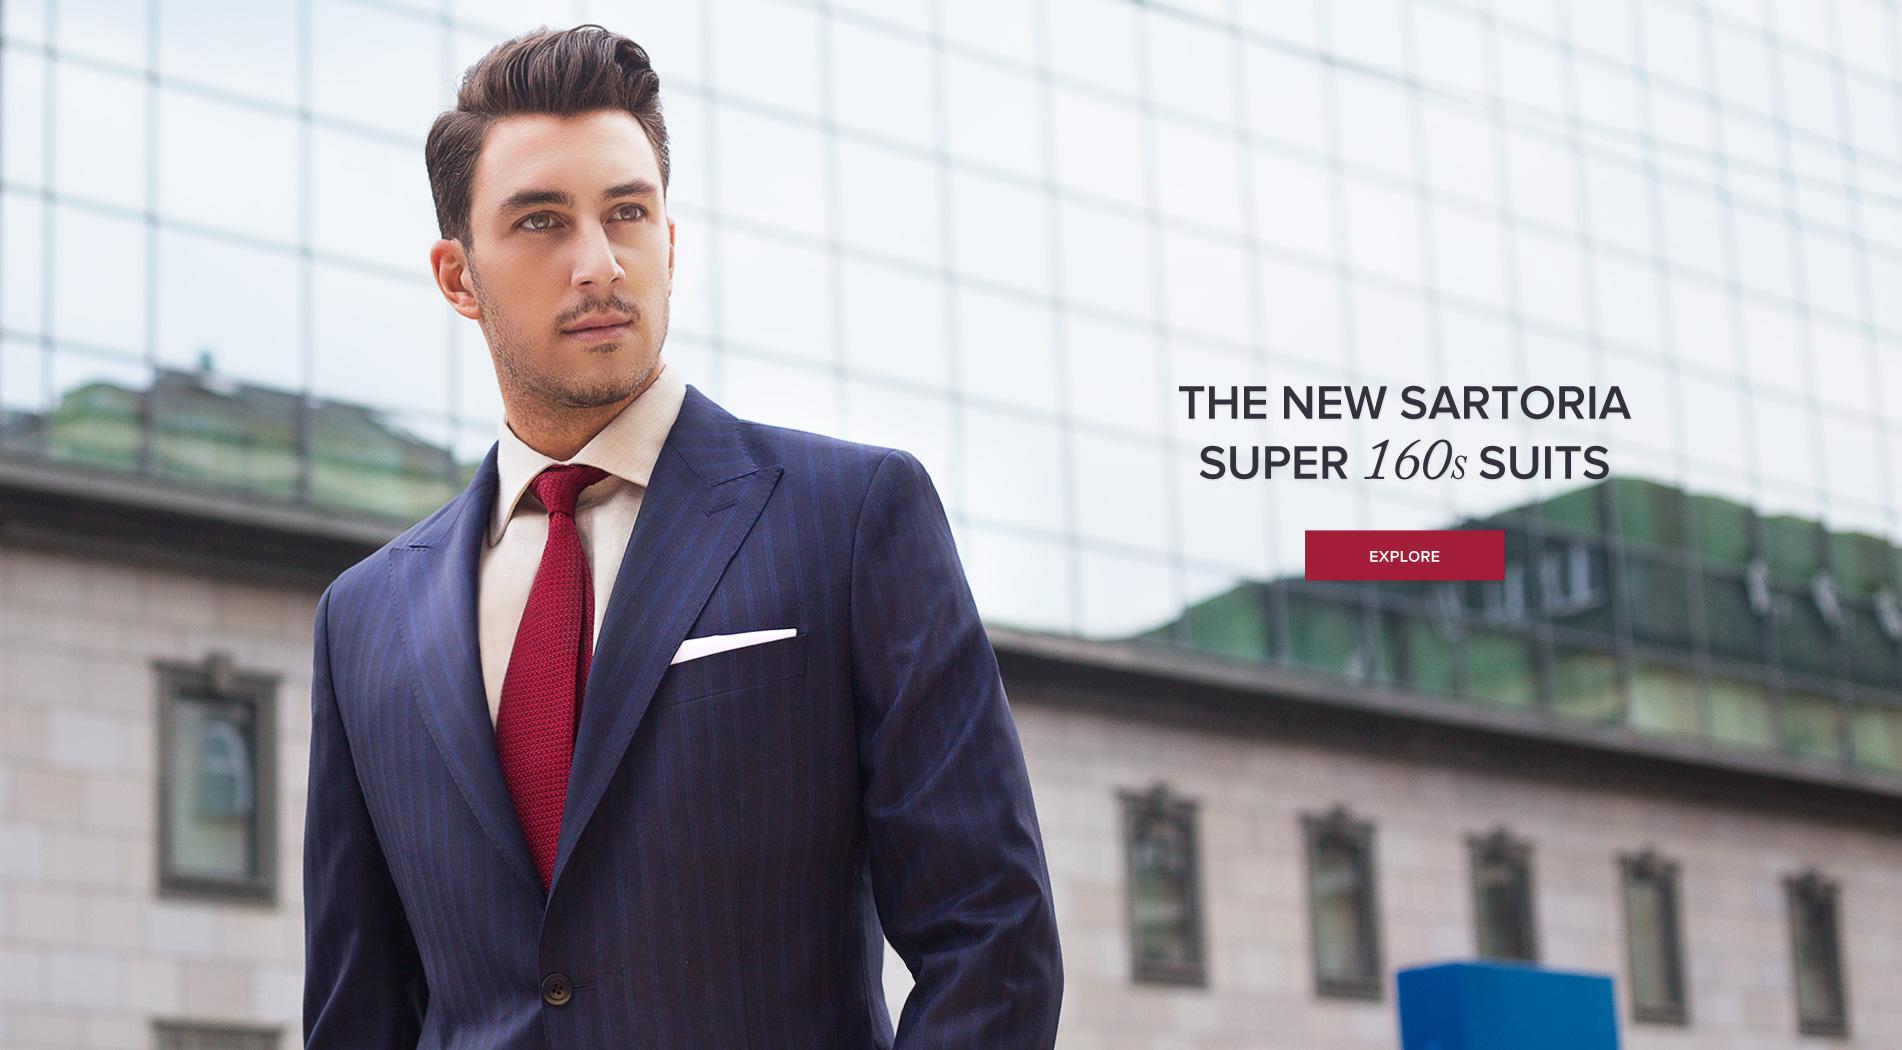 New Sartoria Super 160s Suits